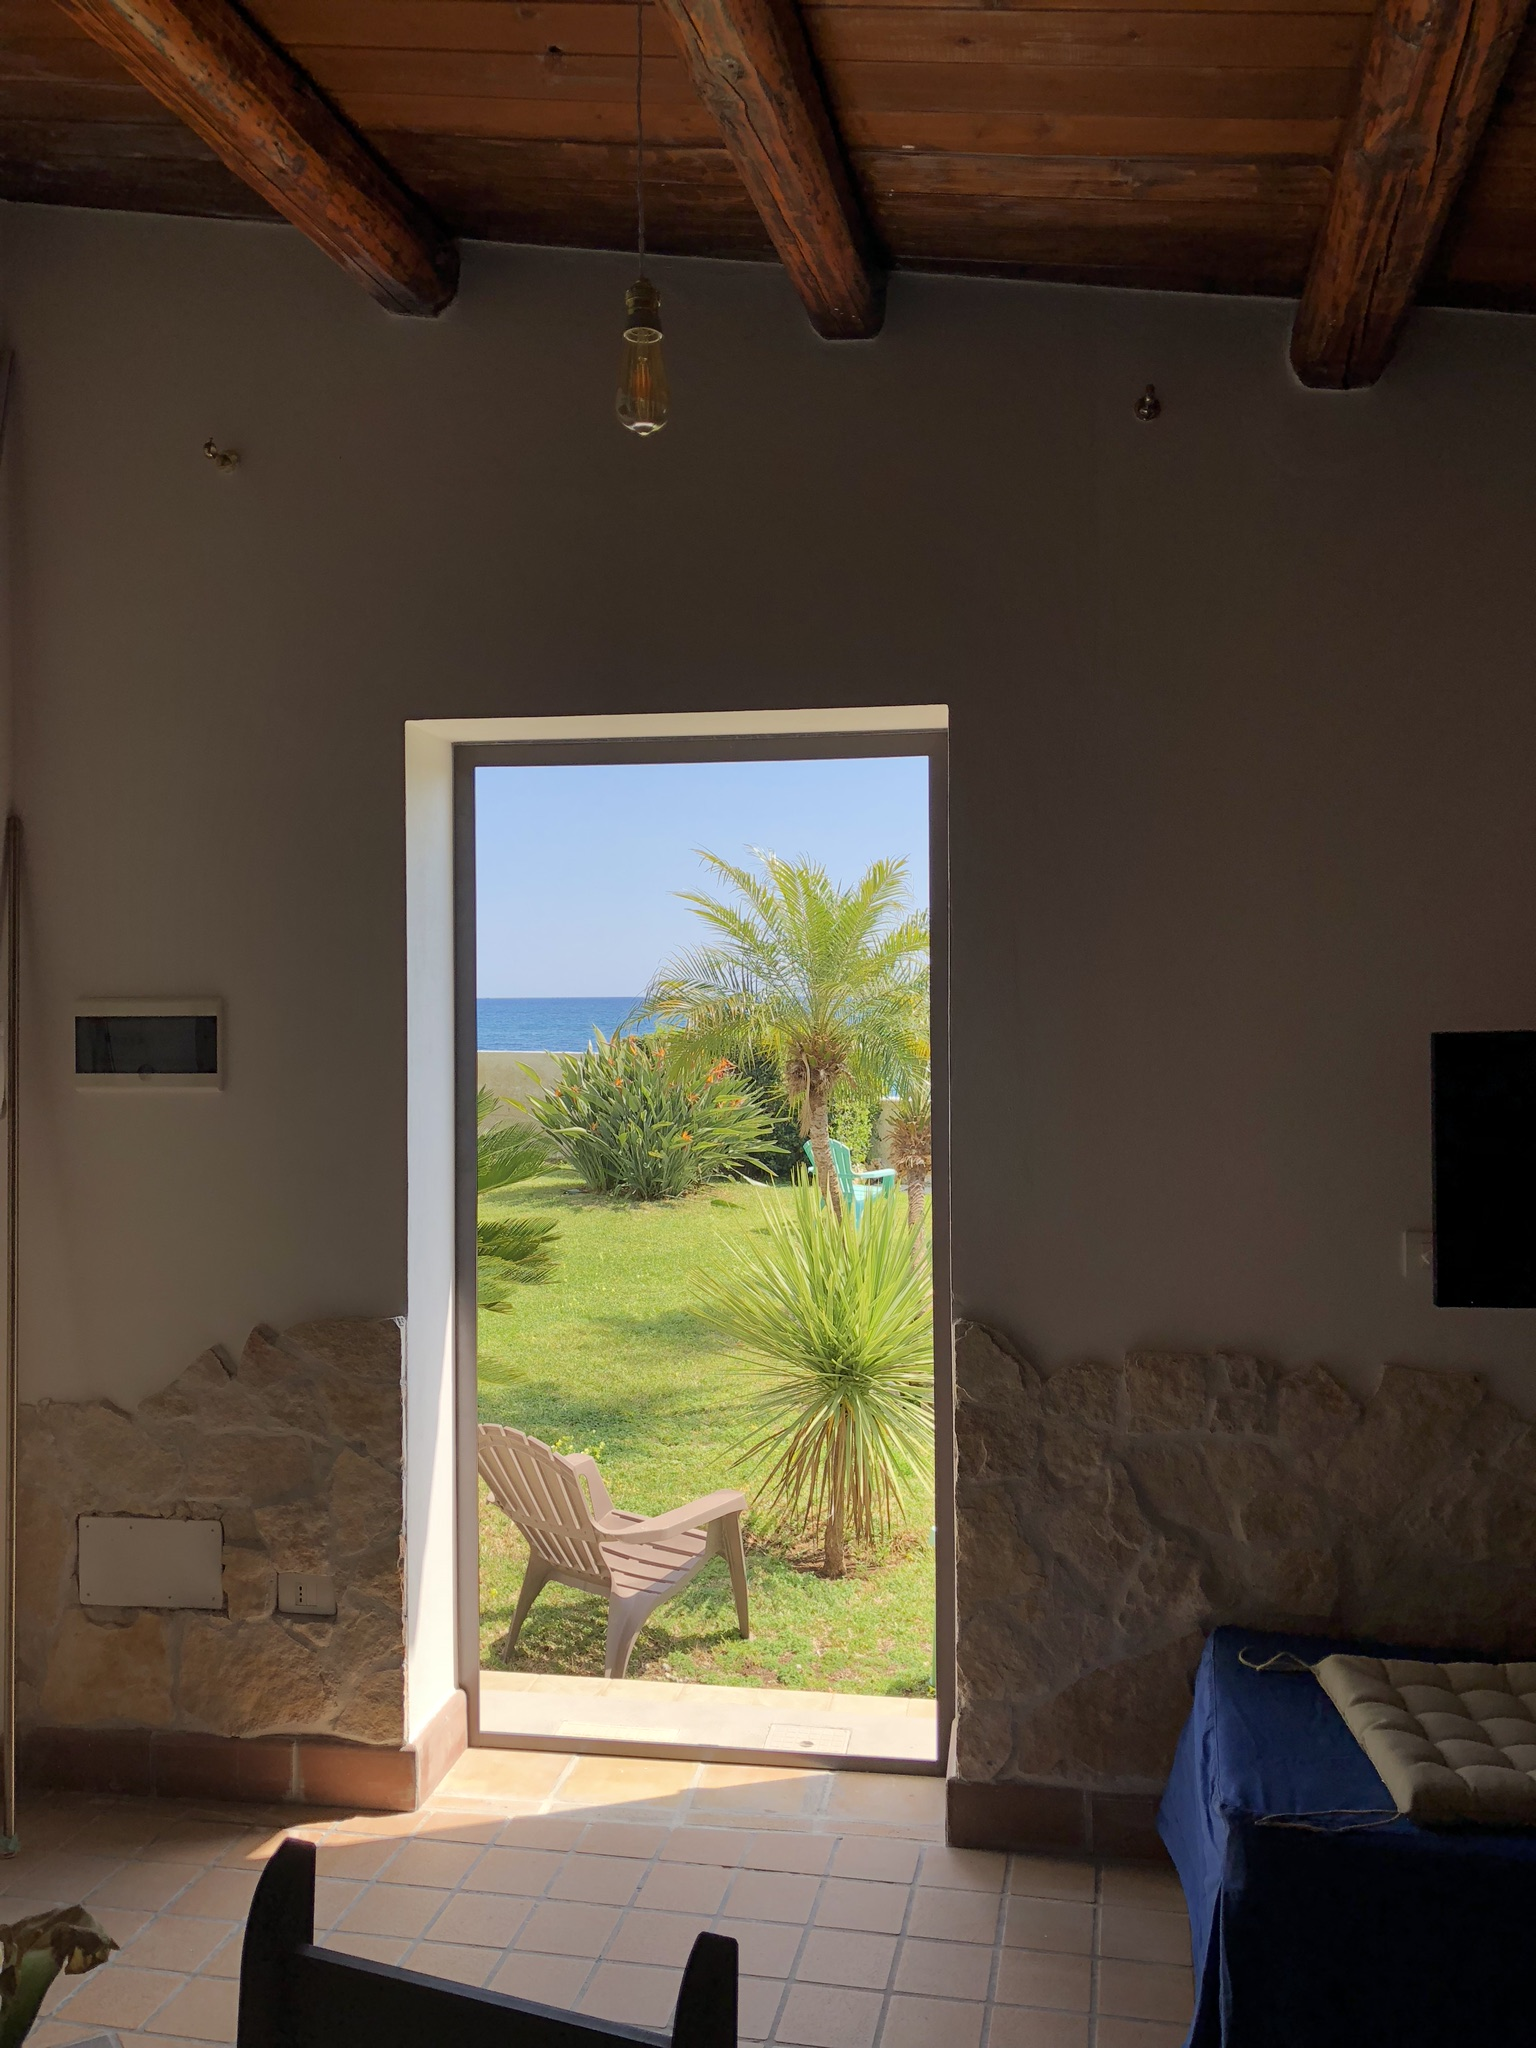 Case Vacanza Avola vacanza in Sicilia a prezzi convenienti vicino Siracusa e Noto  Tra lido di